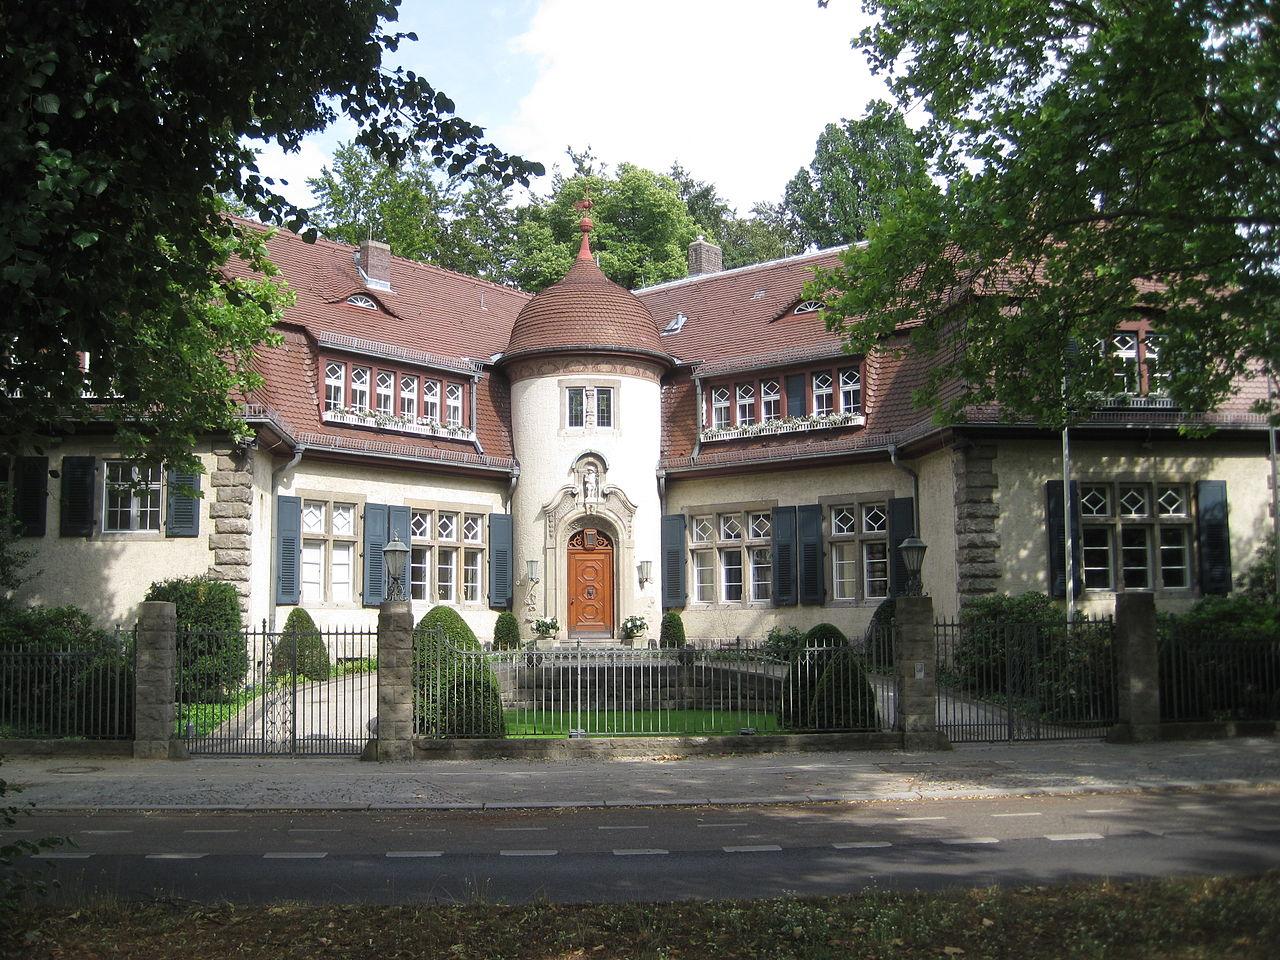 File:VillaStraussB-Dahlem.JPG